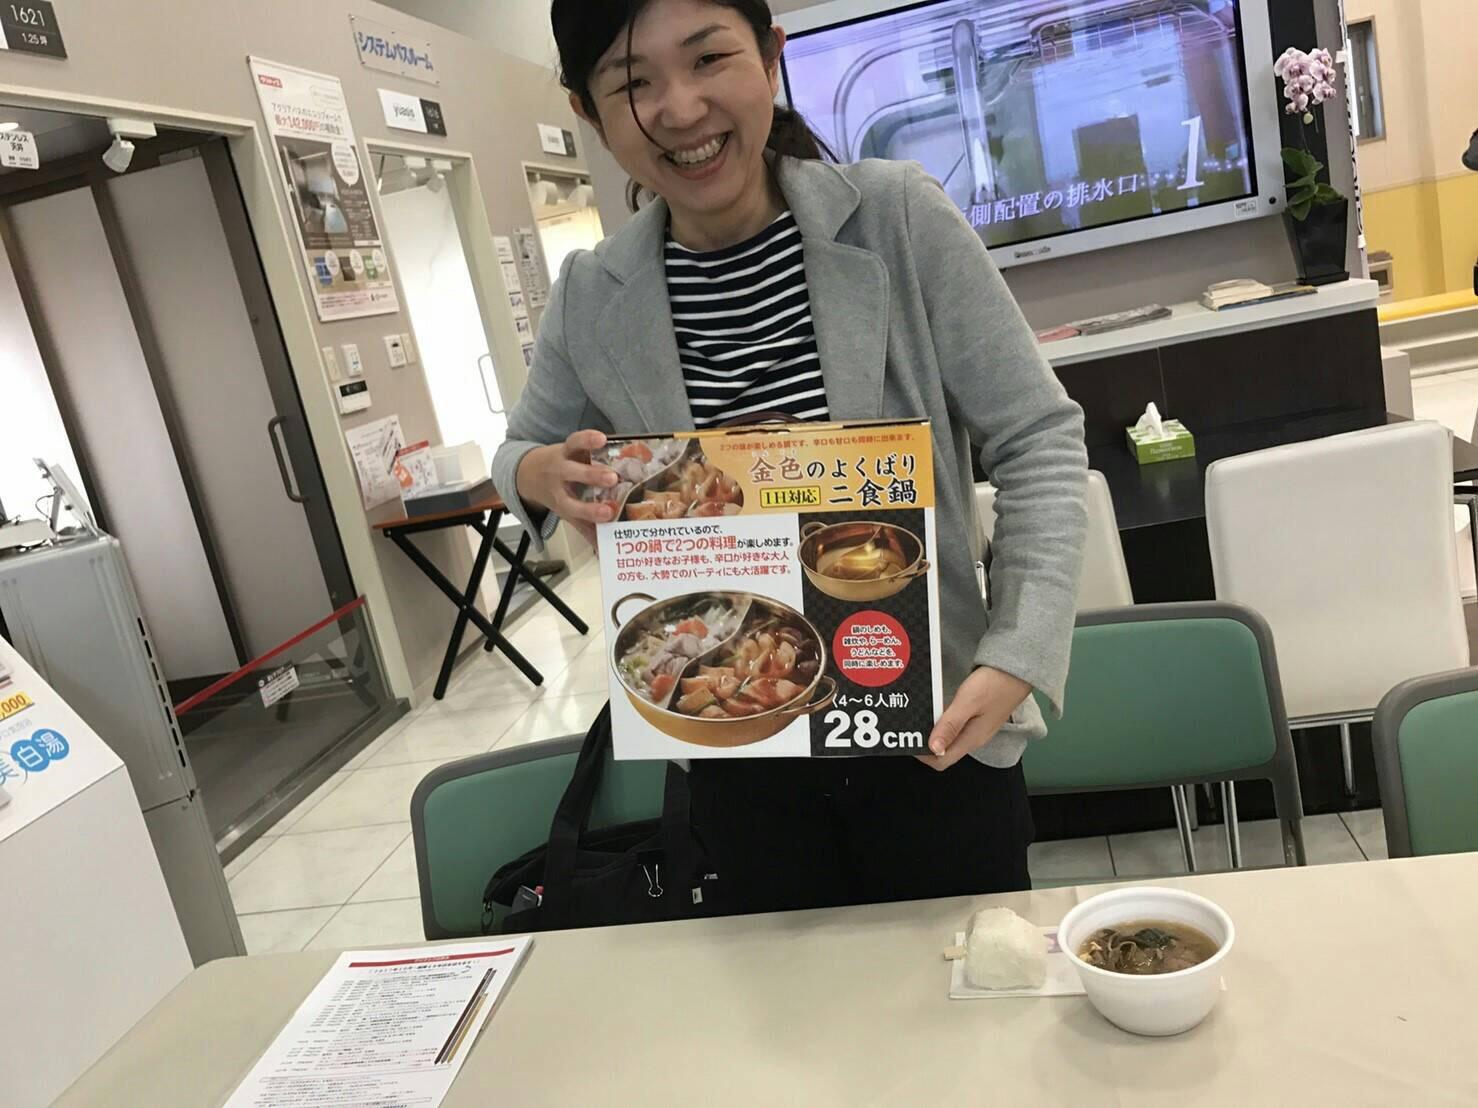 fukuchi_staff